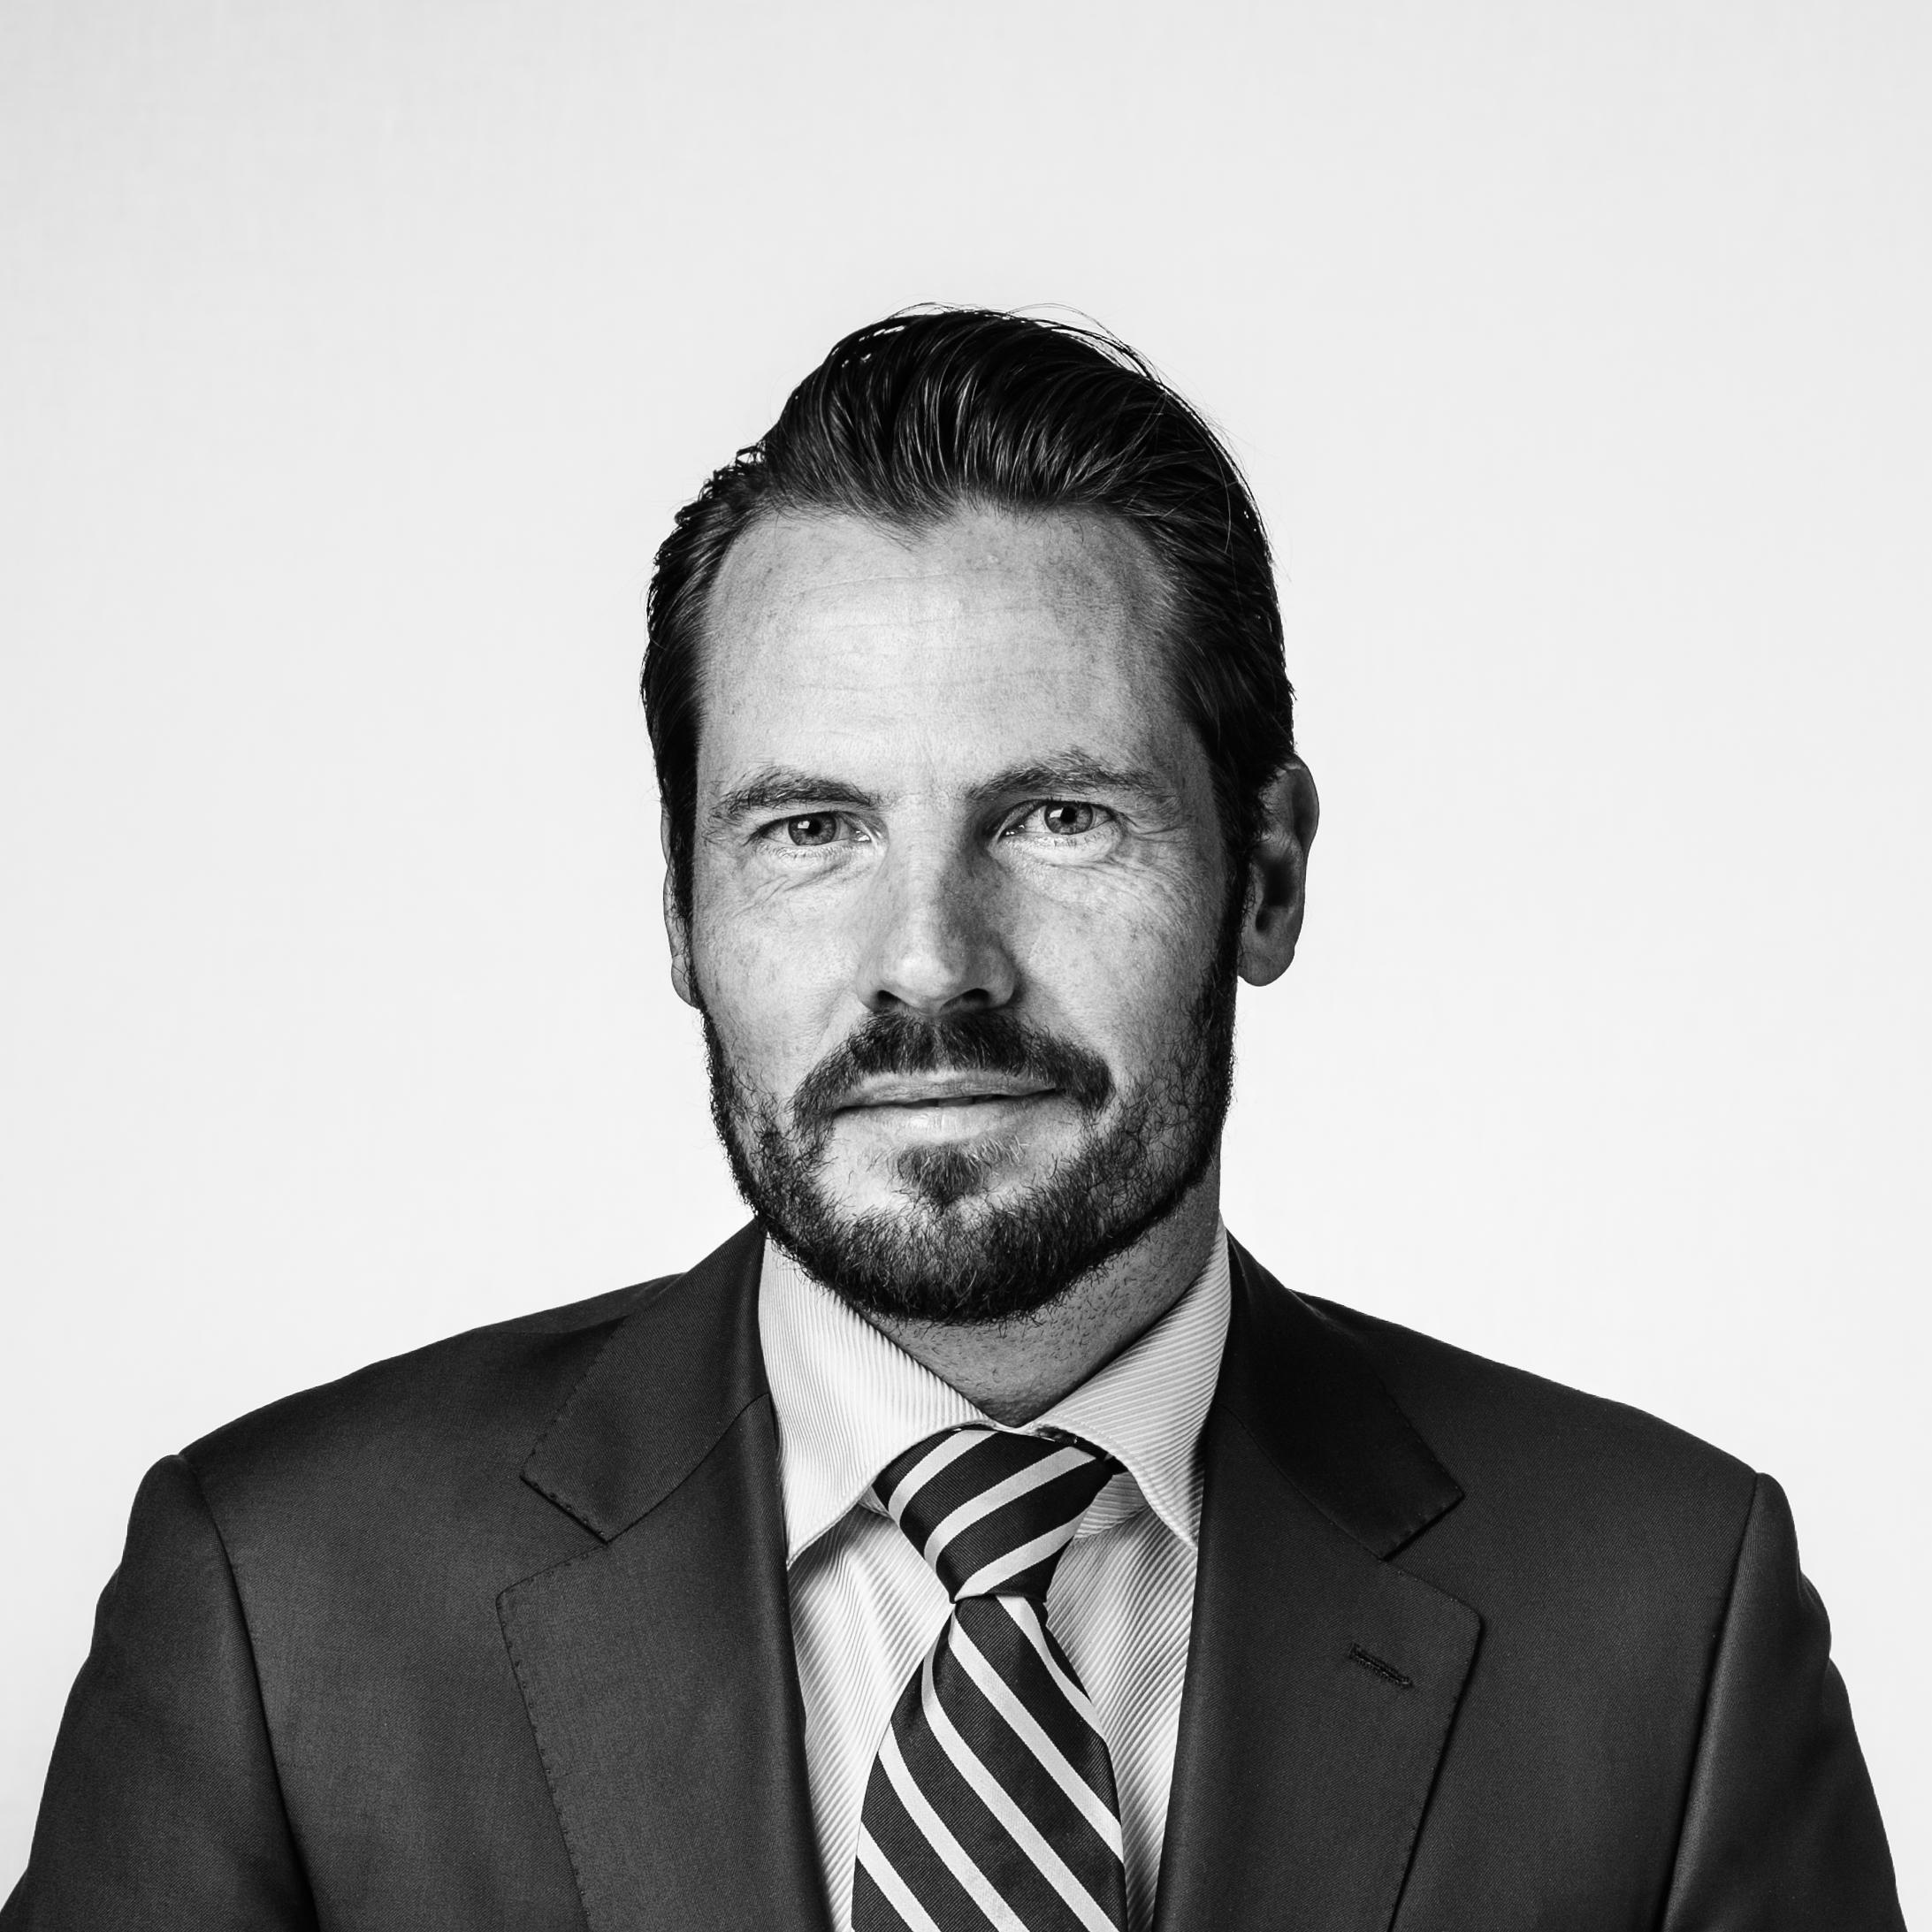 Jeroen van Herwaarden benoemd als fondsmanager van Triodos Euro Bond Impact Fund